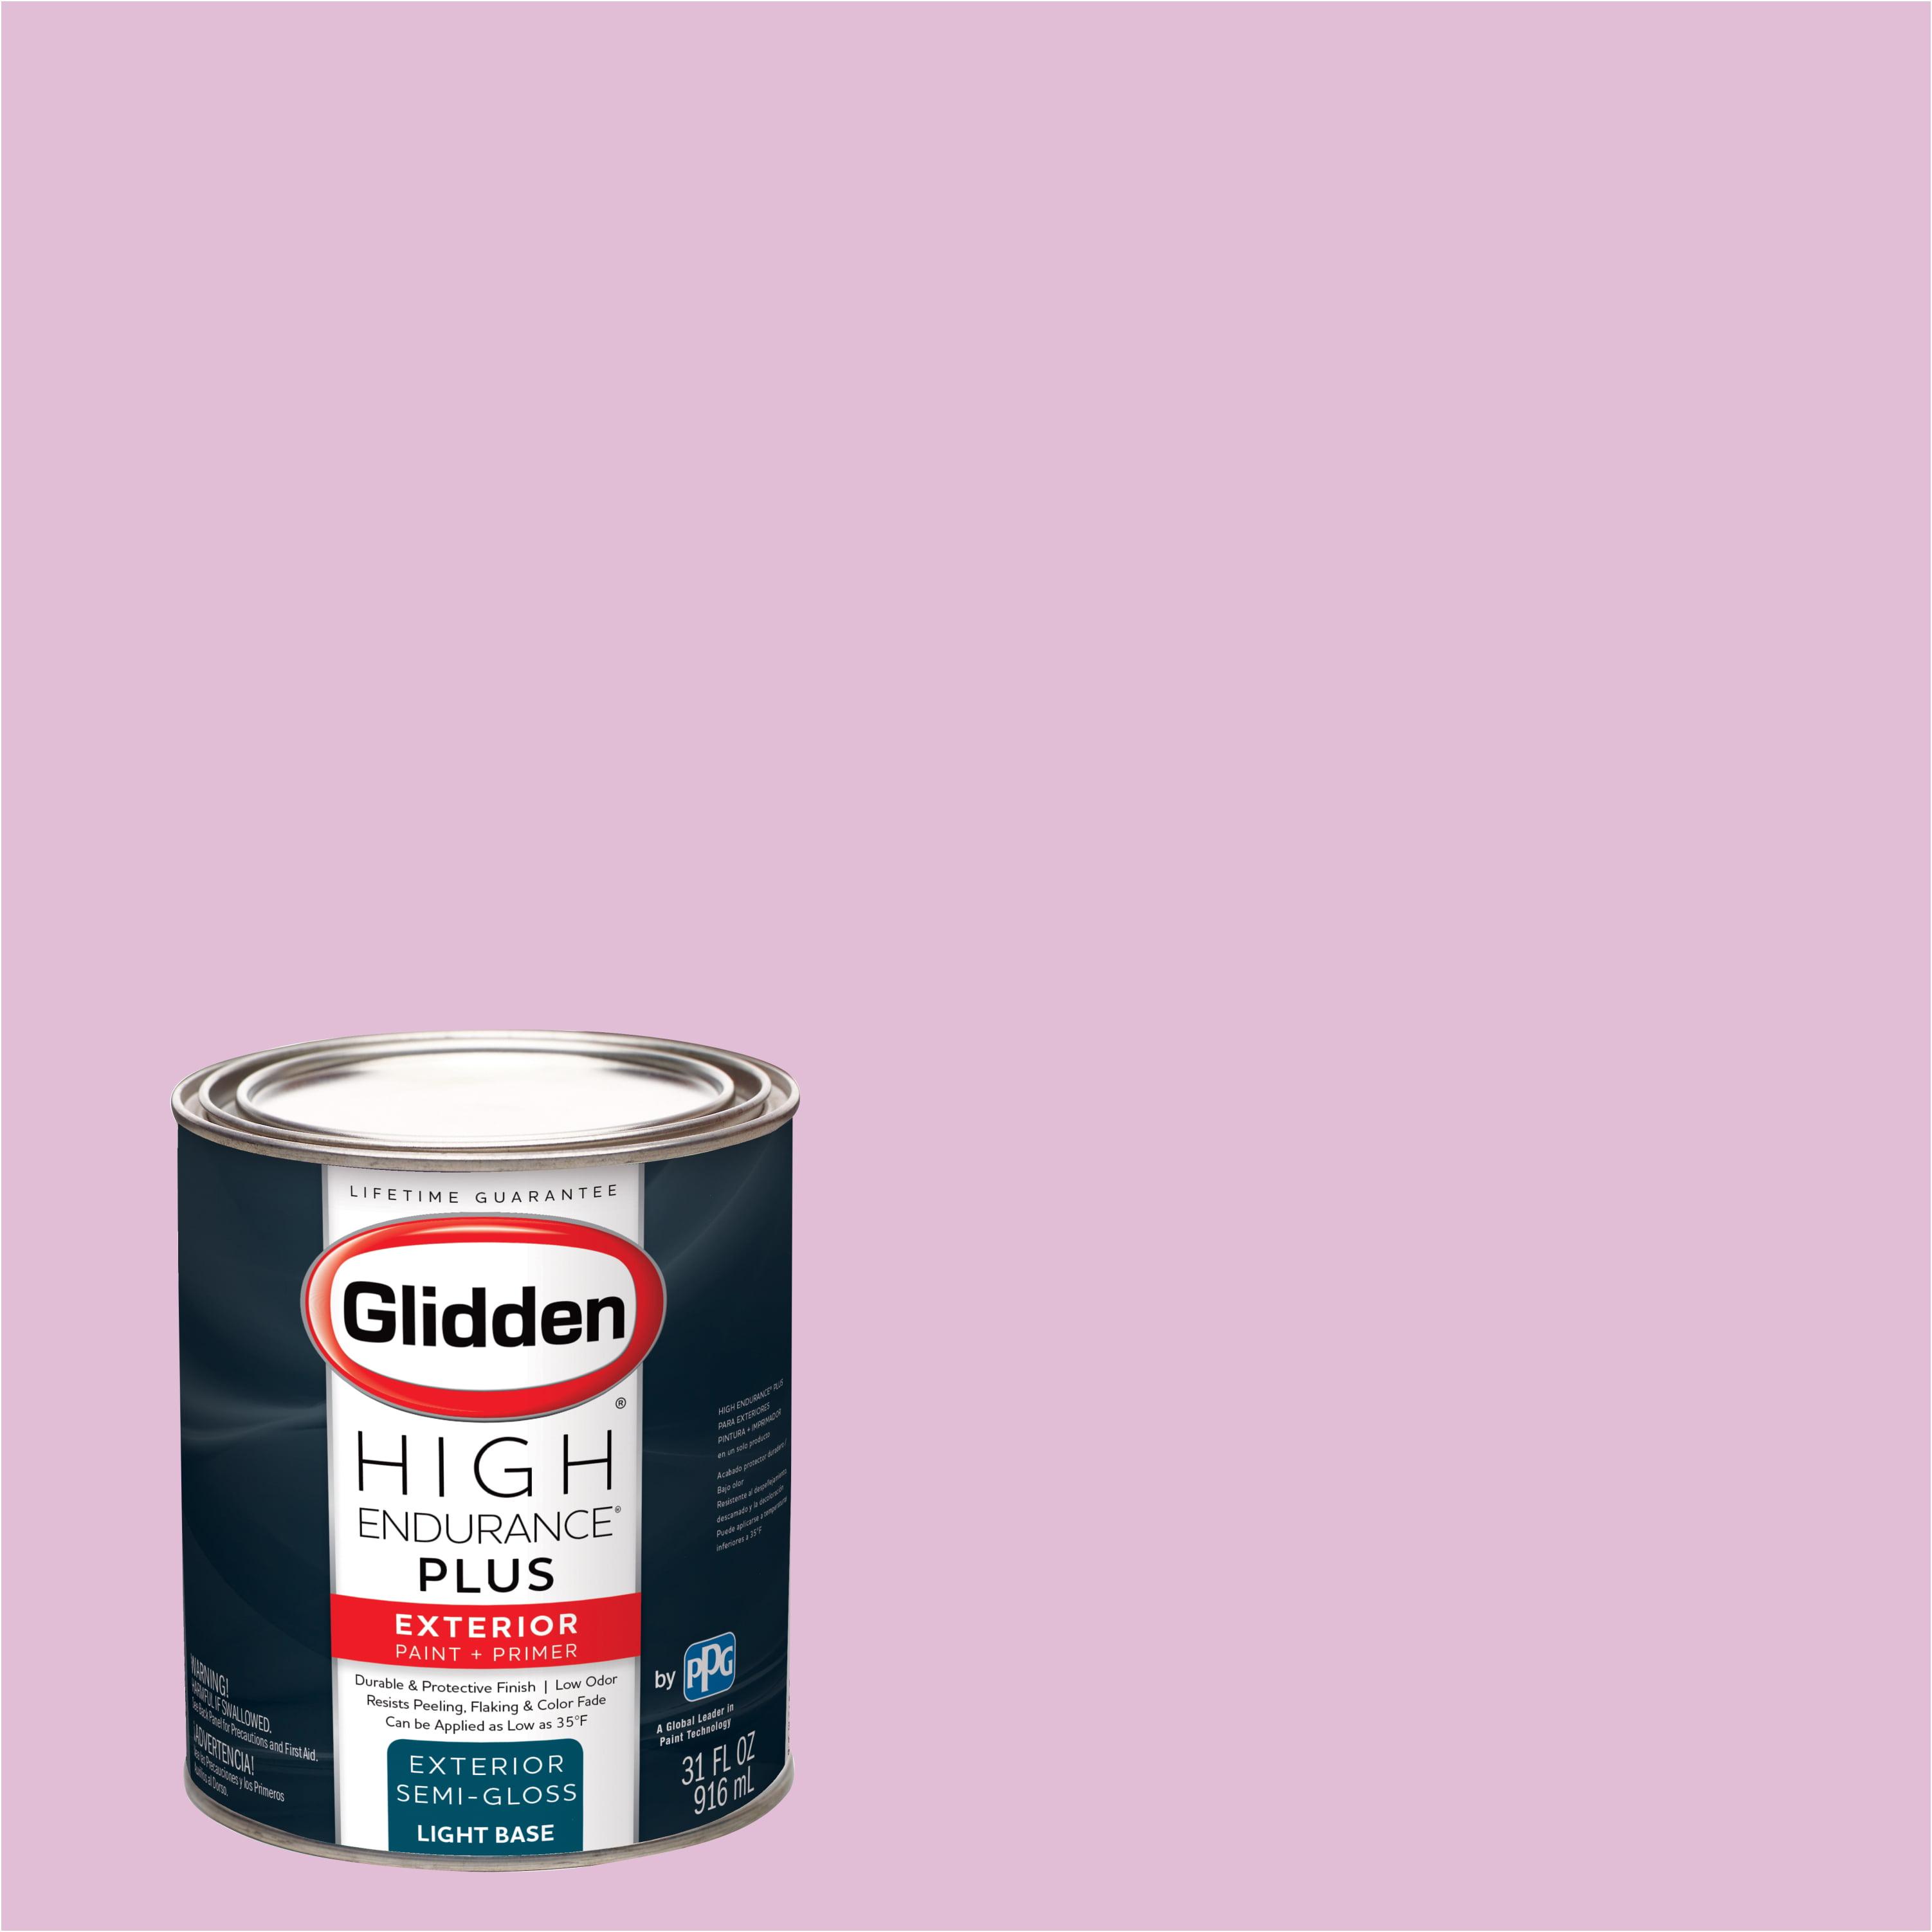 Glidden High Endurance Plus Exterior Paint Bubblegum Pink 10rr 60 197